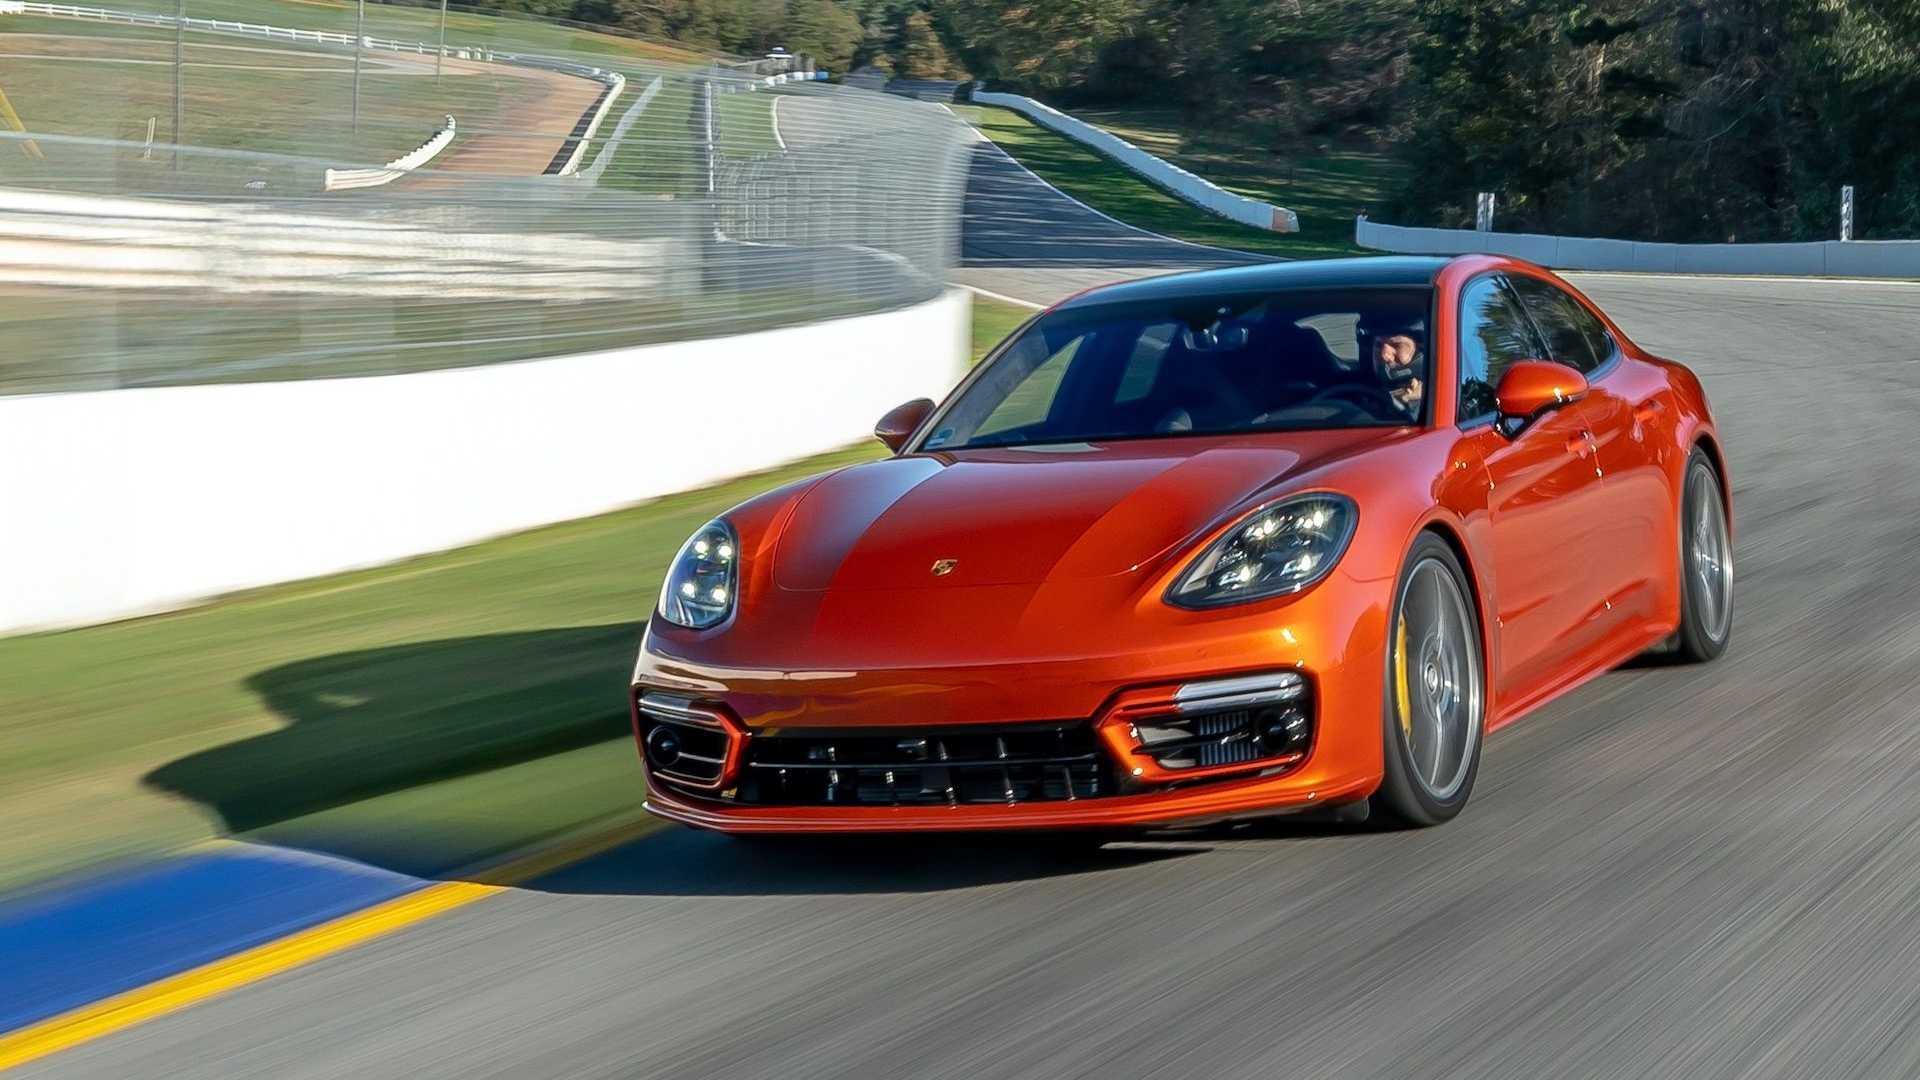 La rivincita del benzina sull'auto elettrica: Porsche Panamera batte Taycan